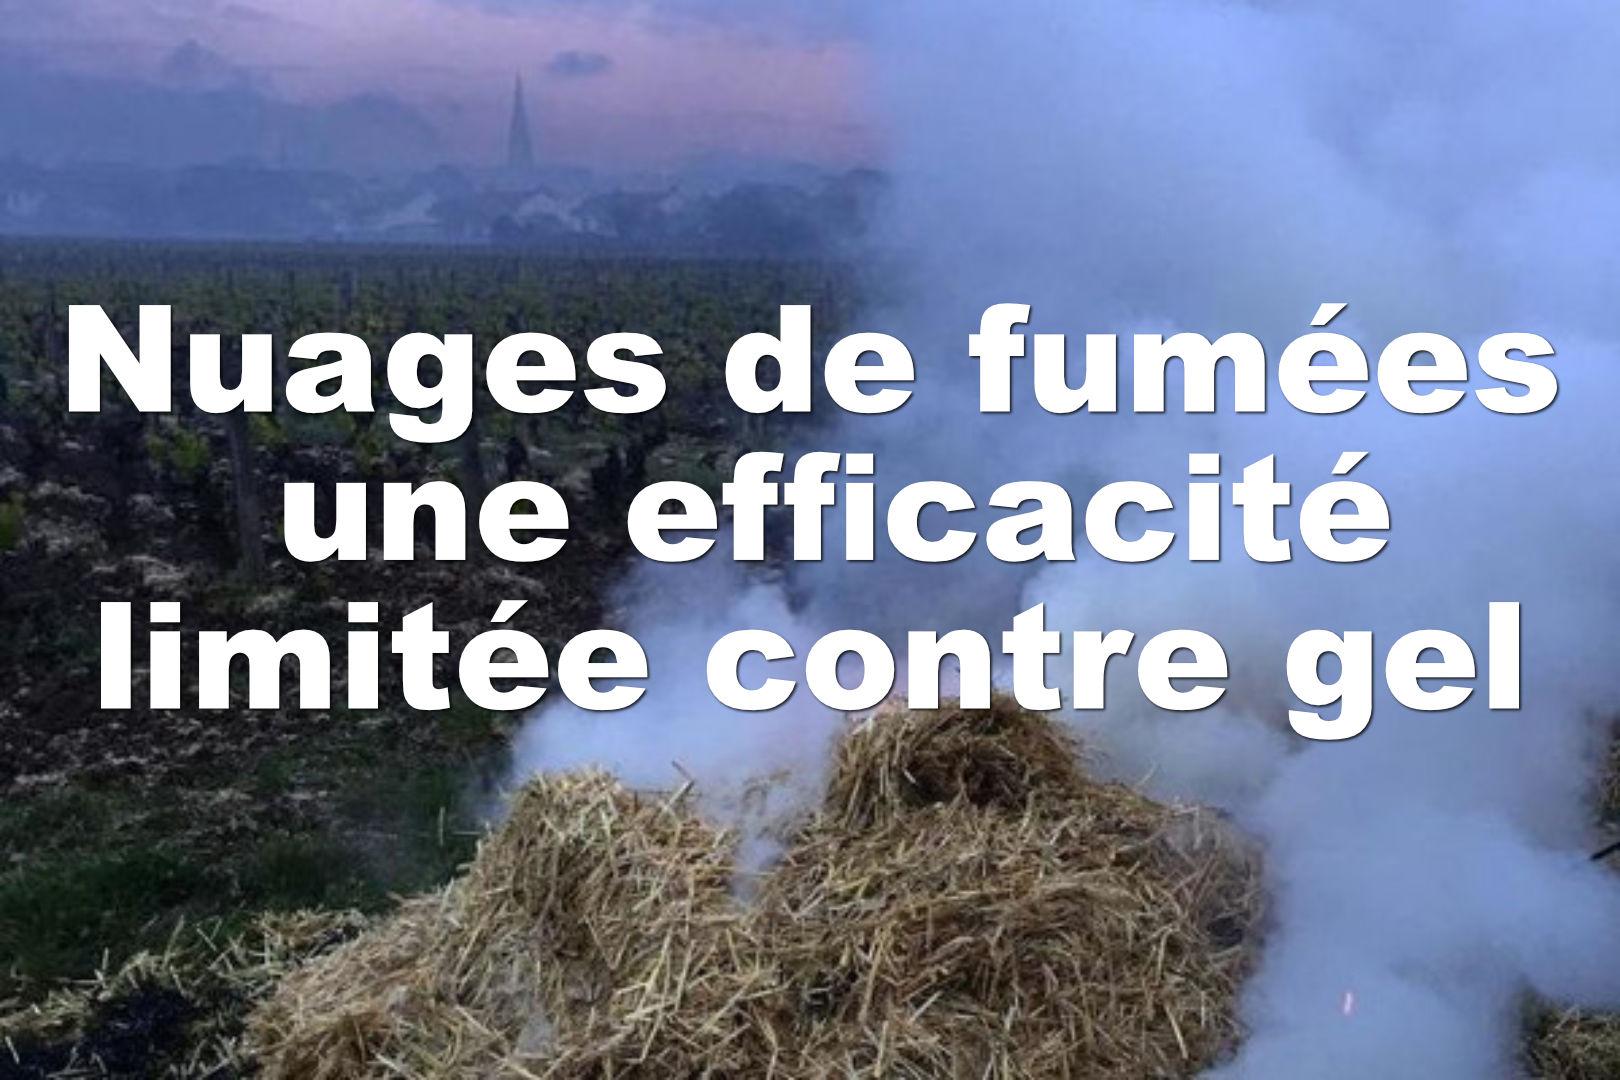 Les nuages de fumée ont une efficacité limitée contre le gel